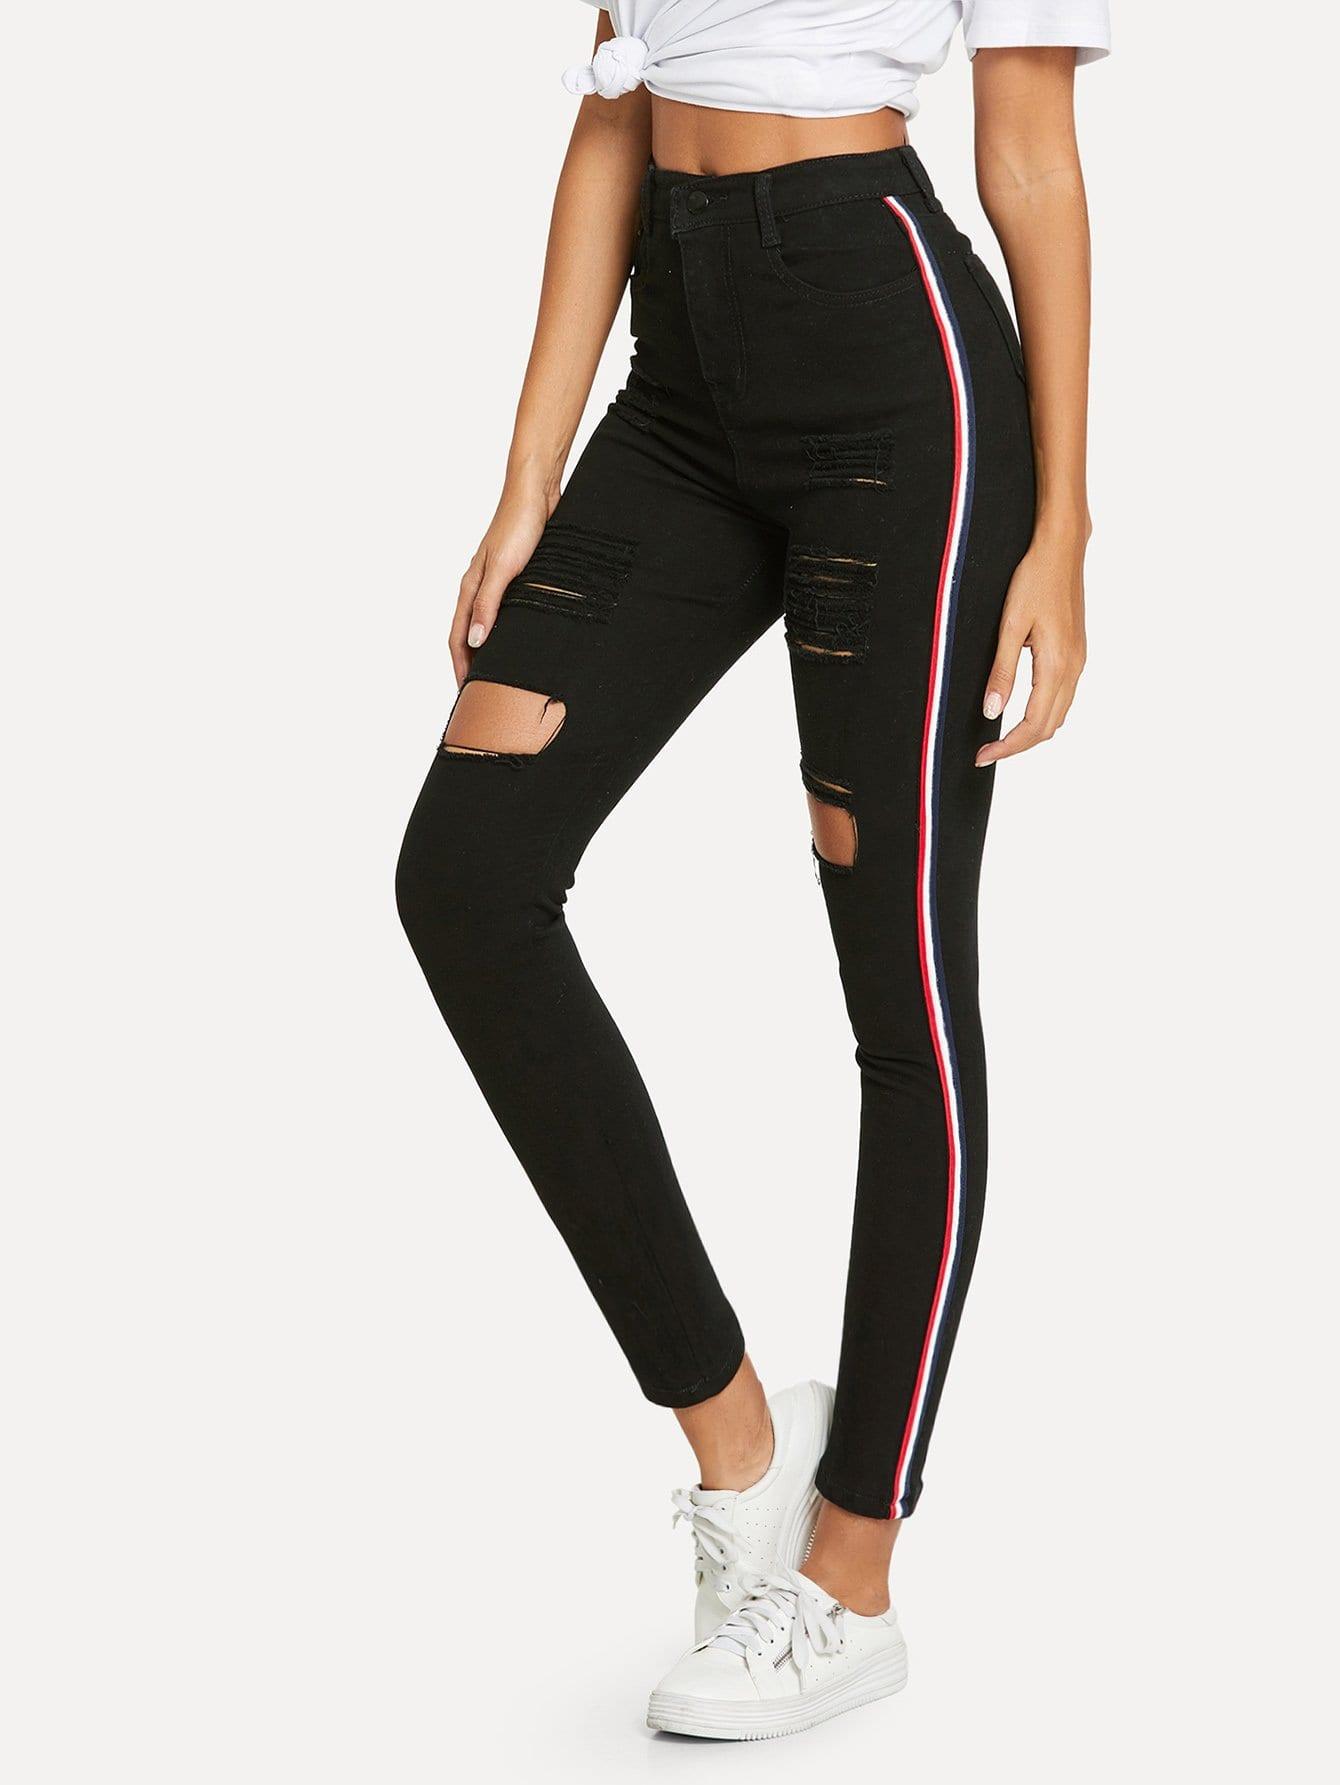 Рваные джинсы и с украшением полосы по обе стороны, Giulia, SheIn  - купить со скидкой